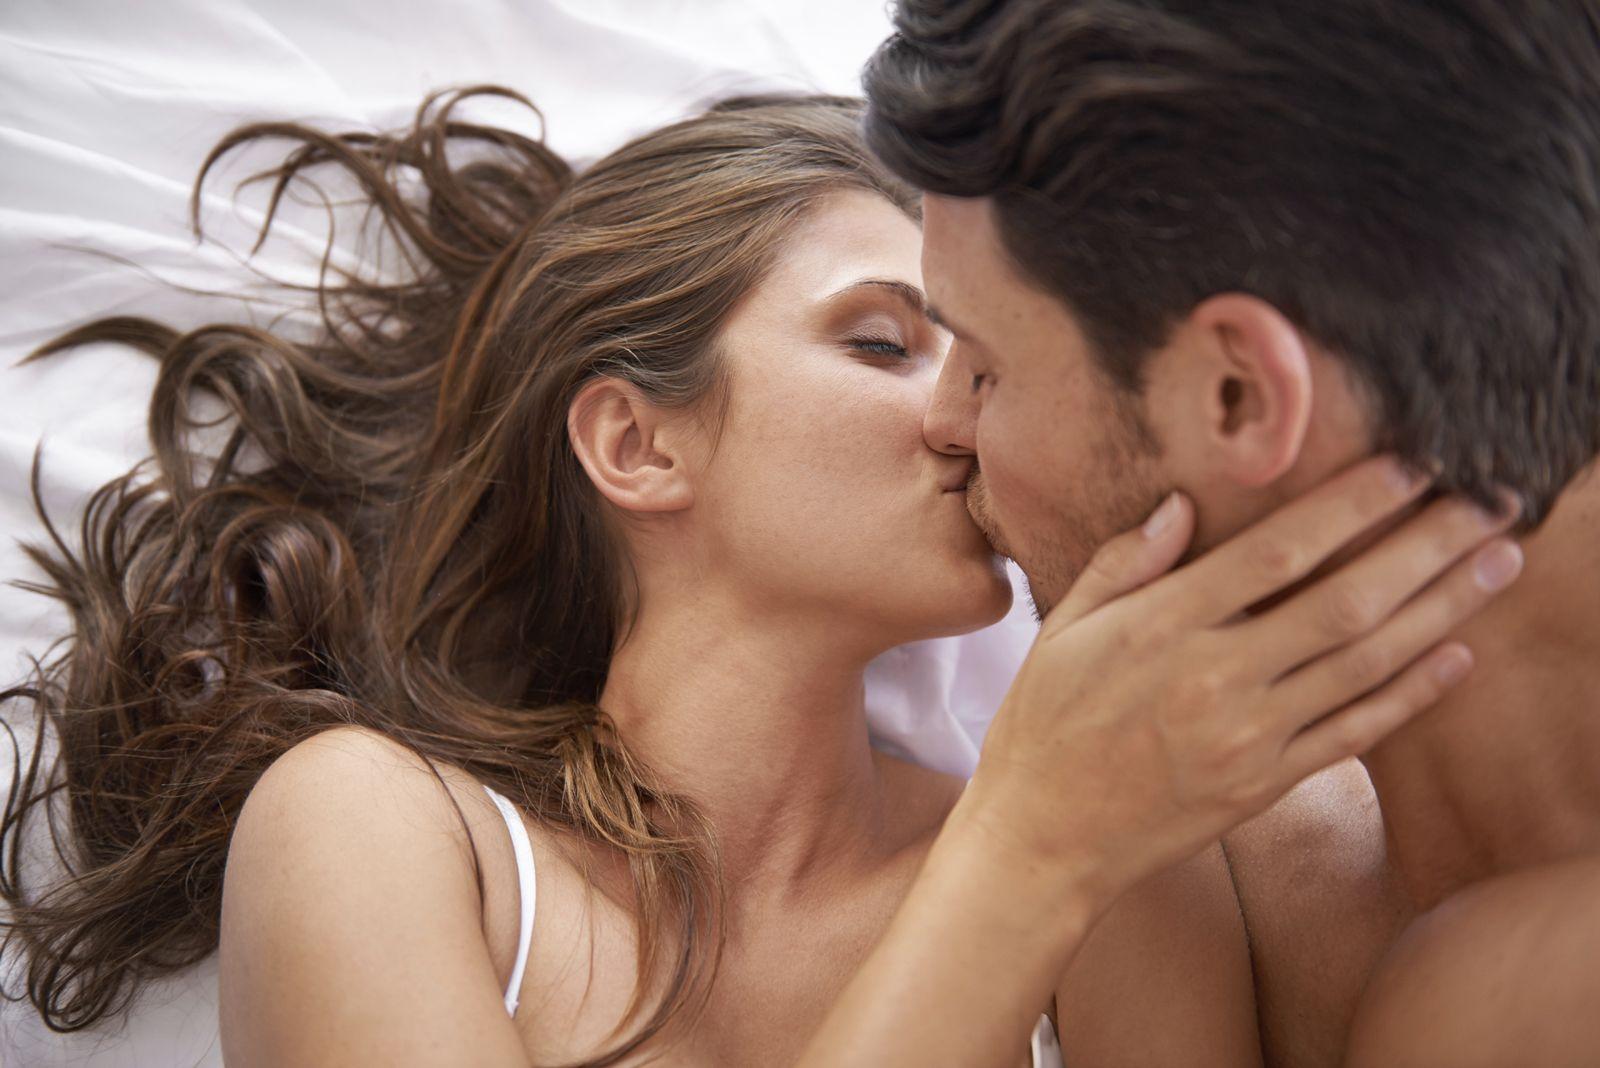 Trailer di film porno gay